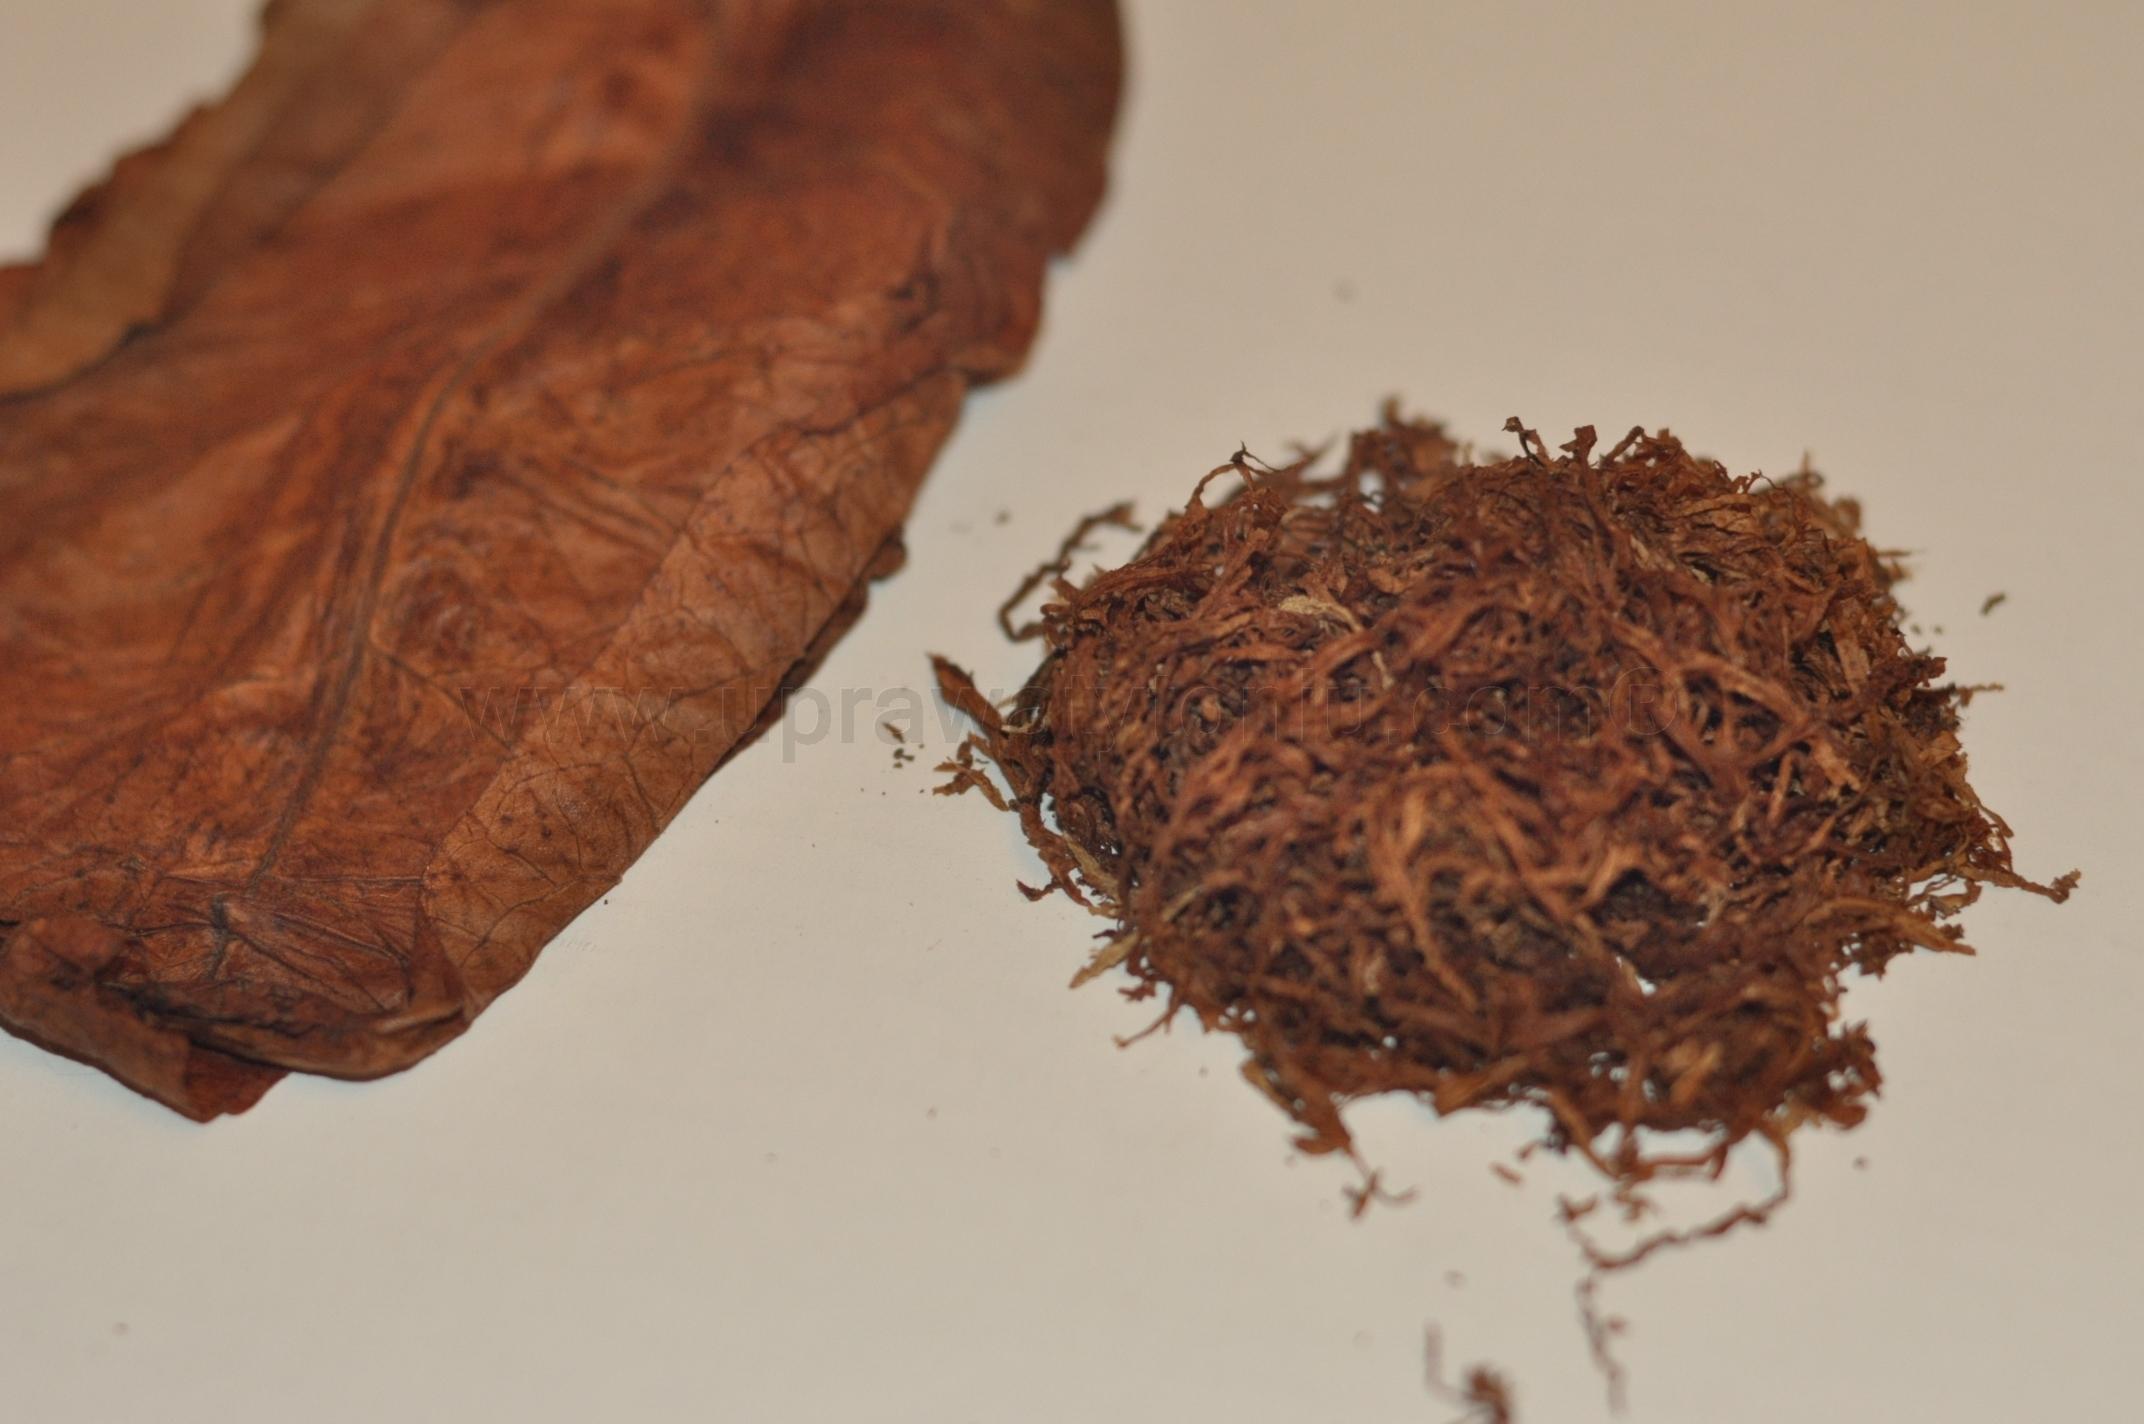 szybka fermentacja tytoniu